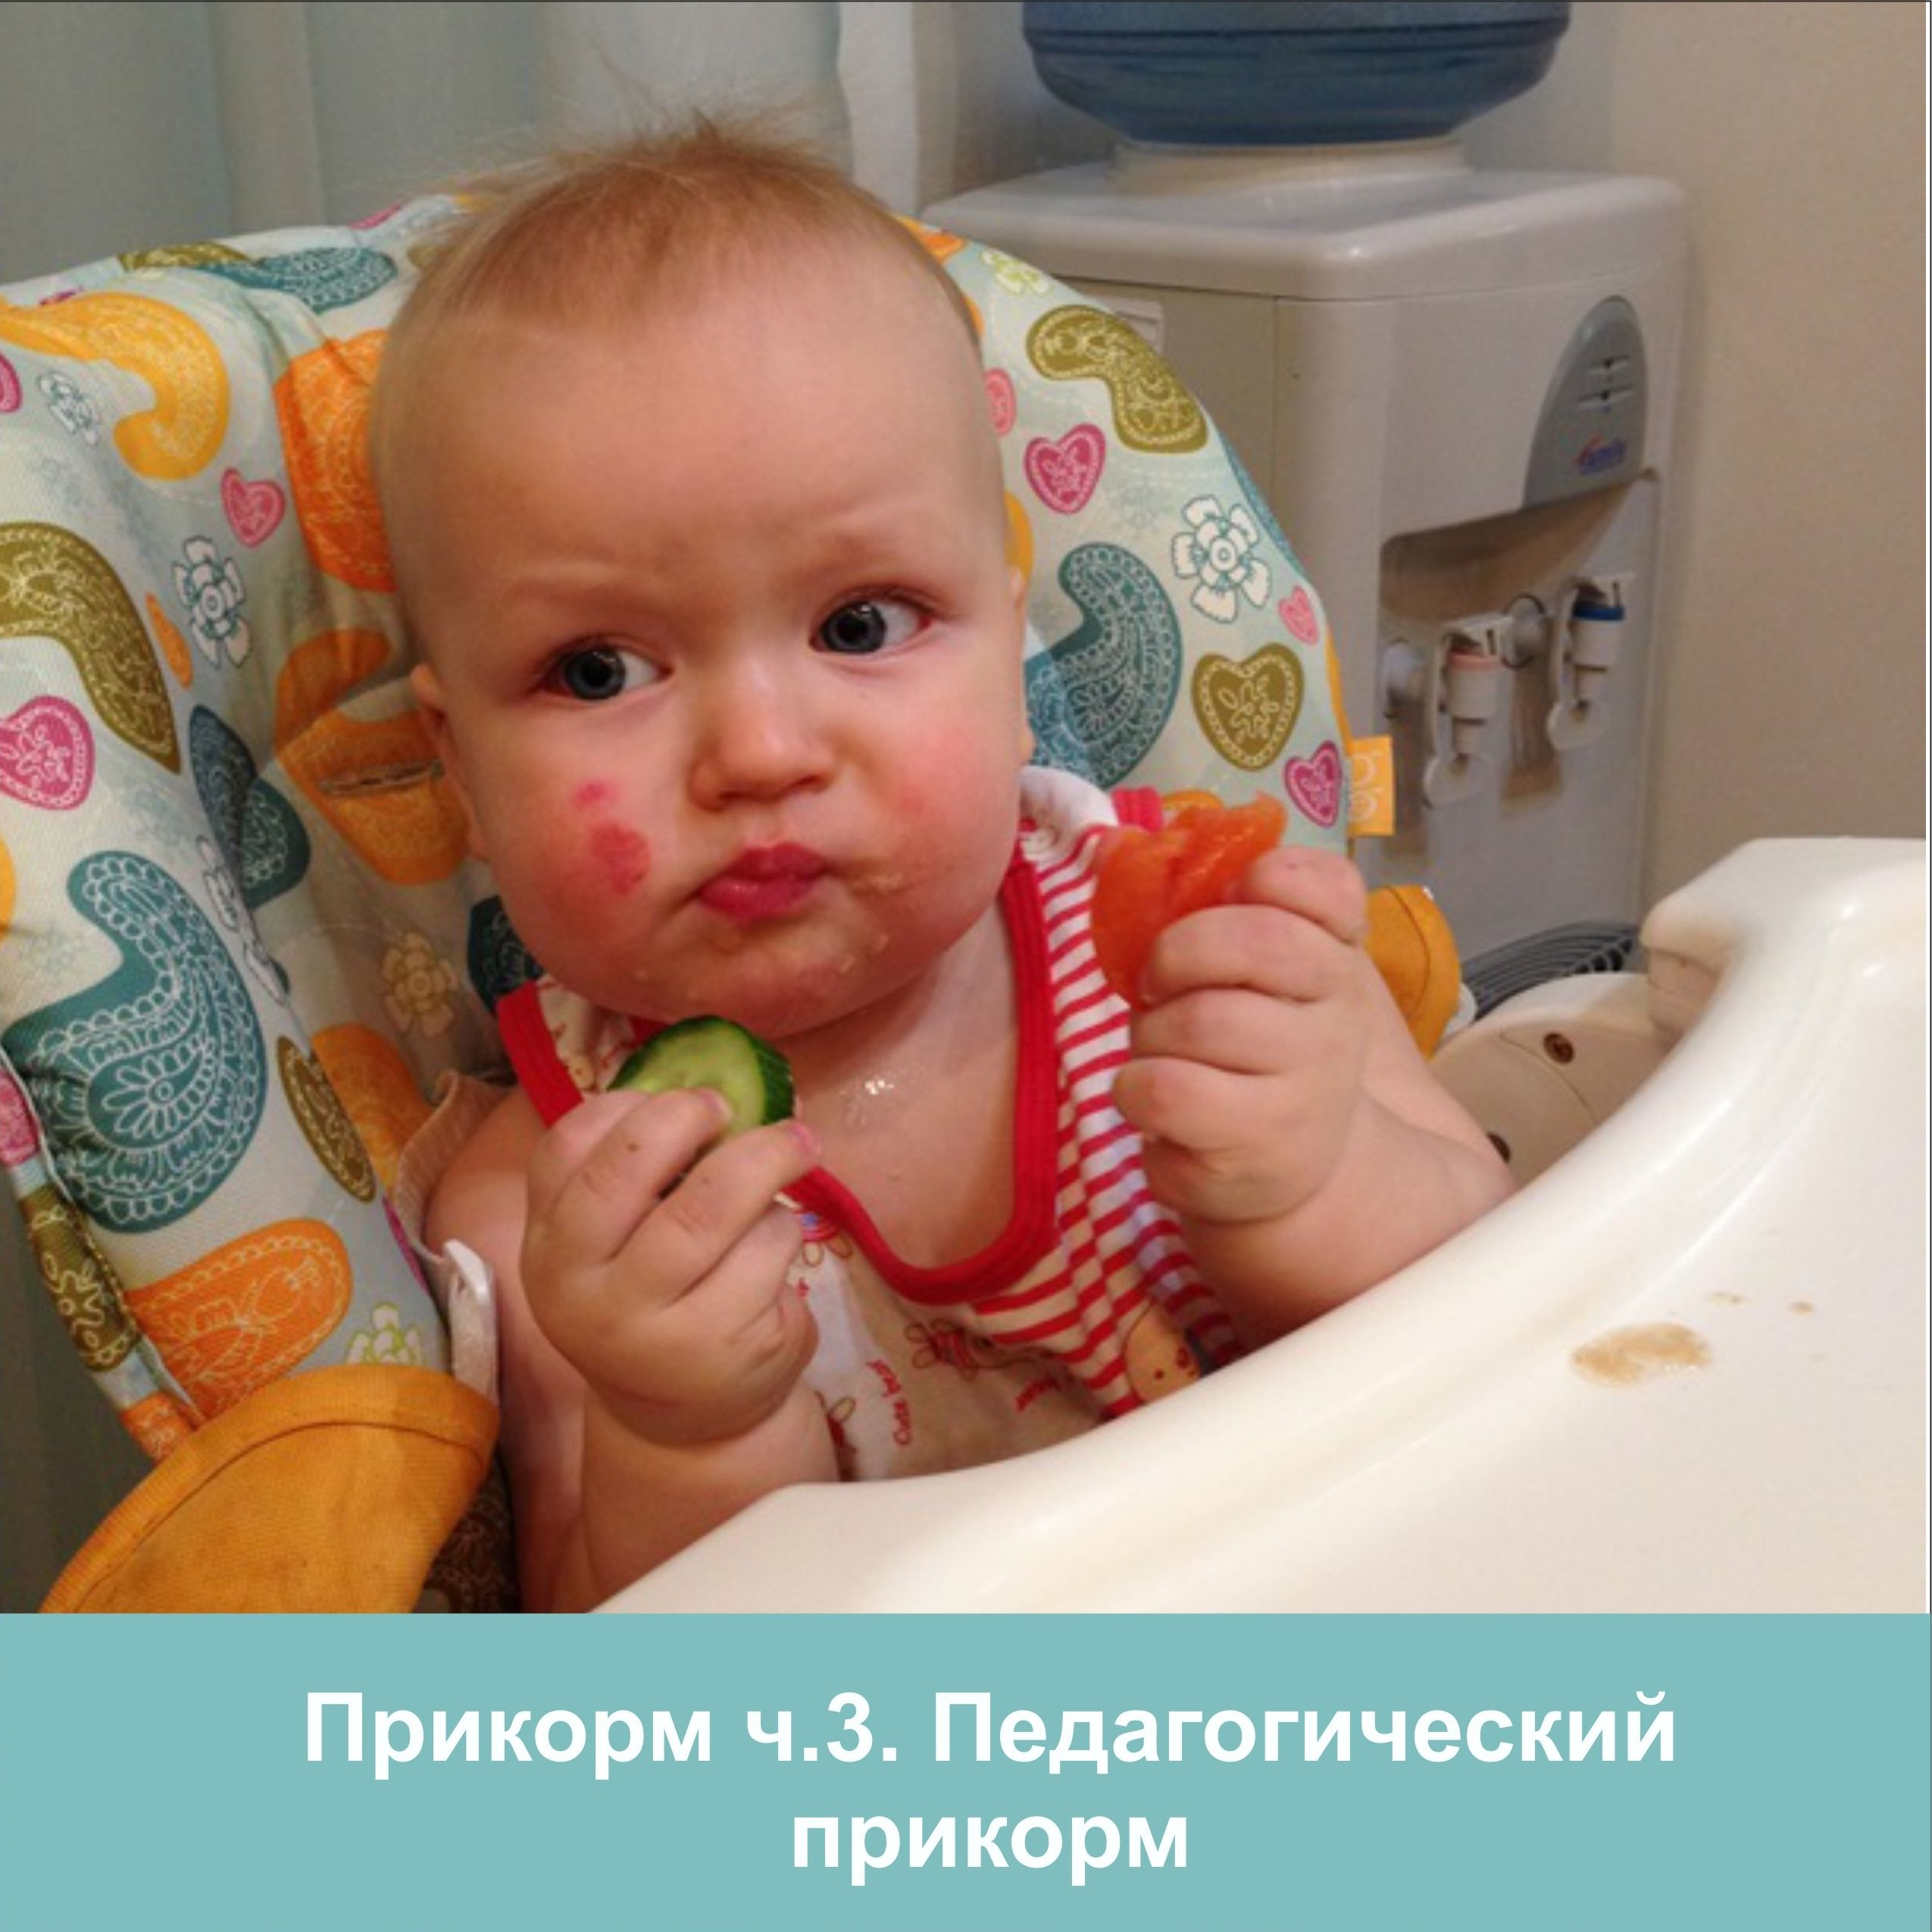 прикорм ч3